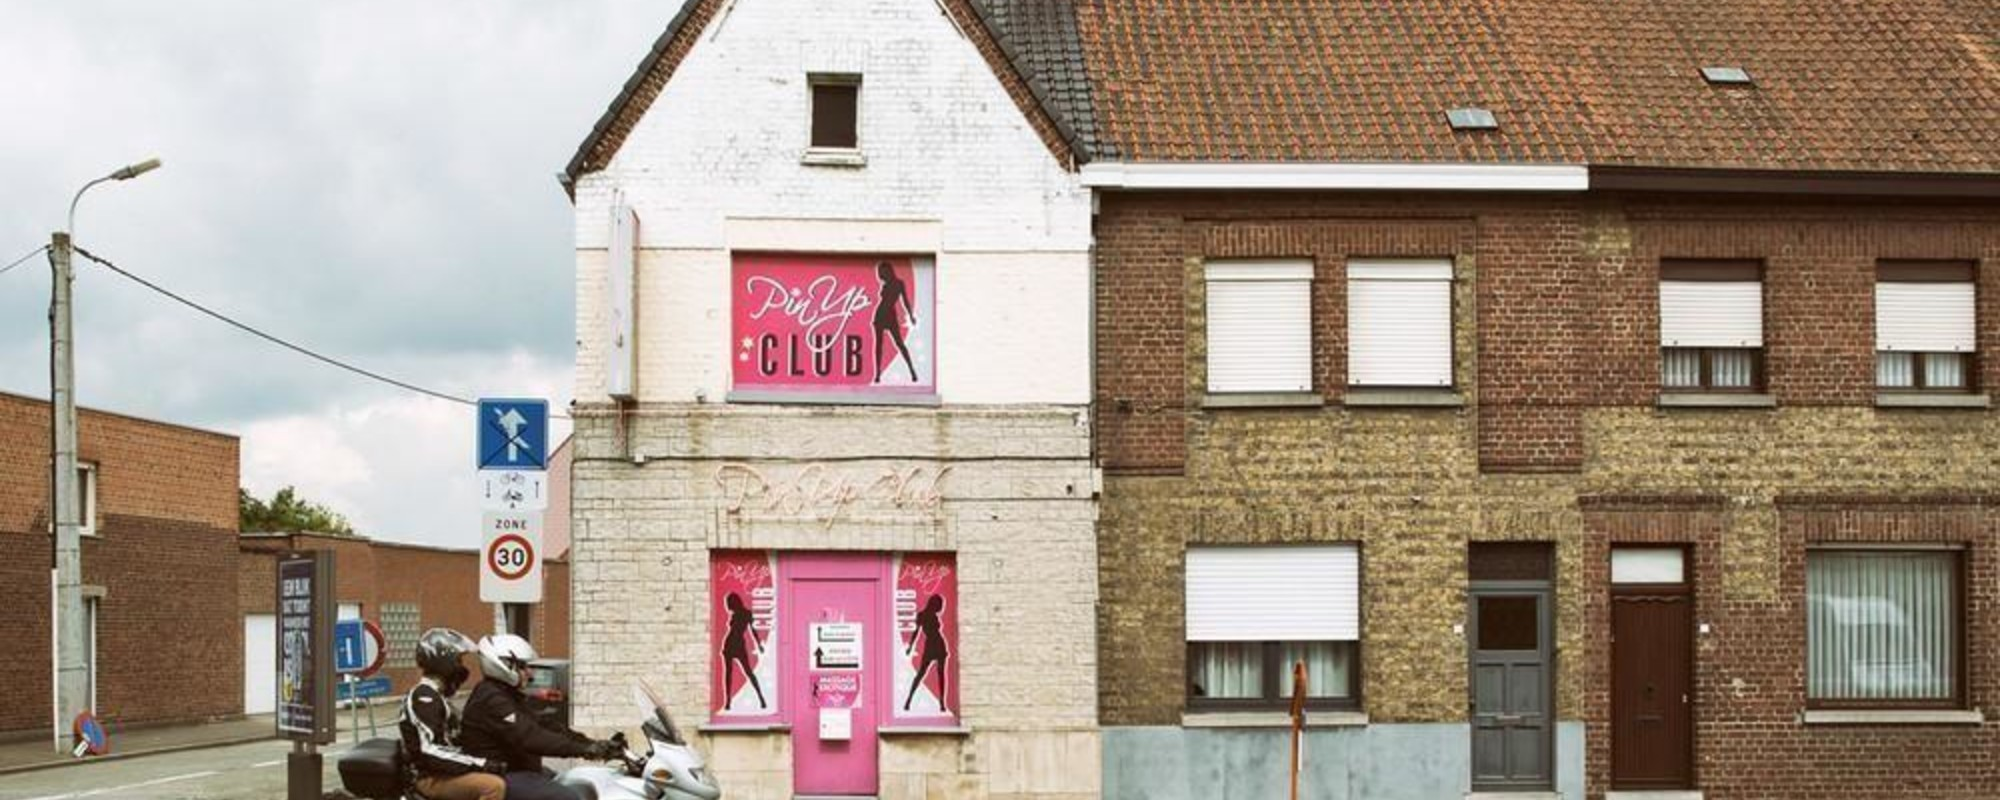 Her er nogle virkelig deprimerende billeder af trøstesløse bordeller i Belgien